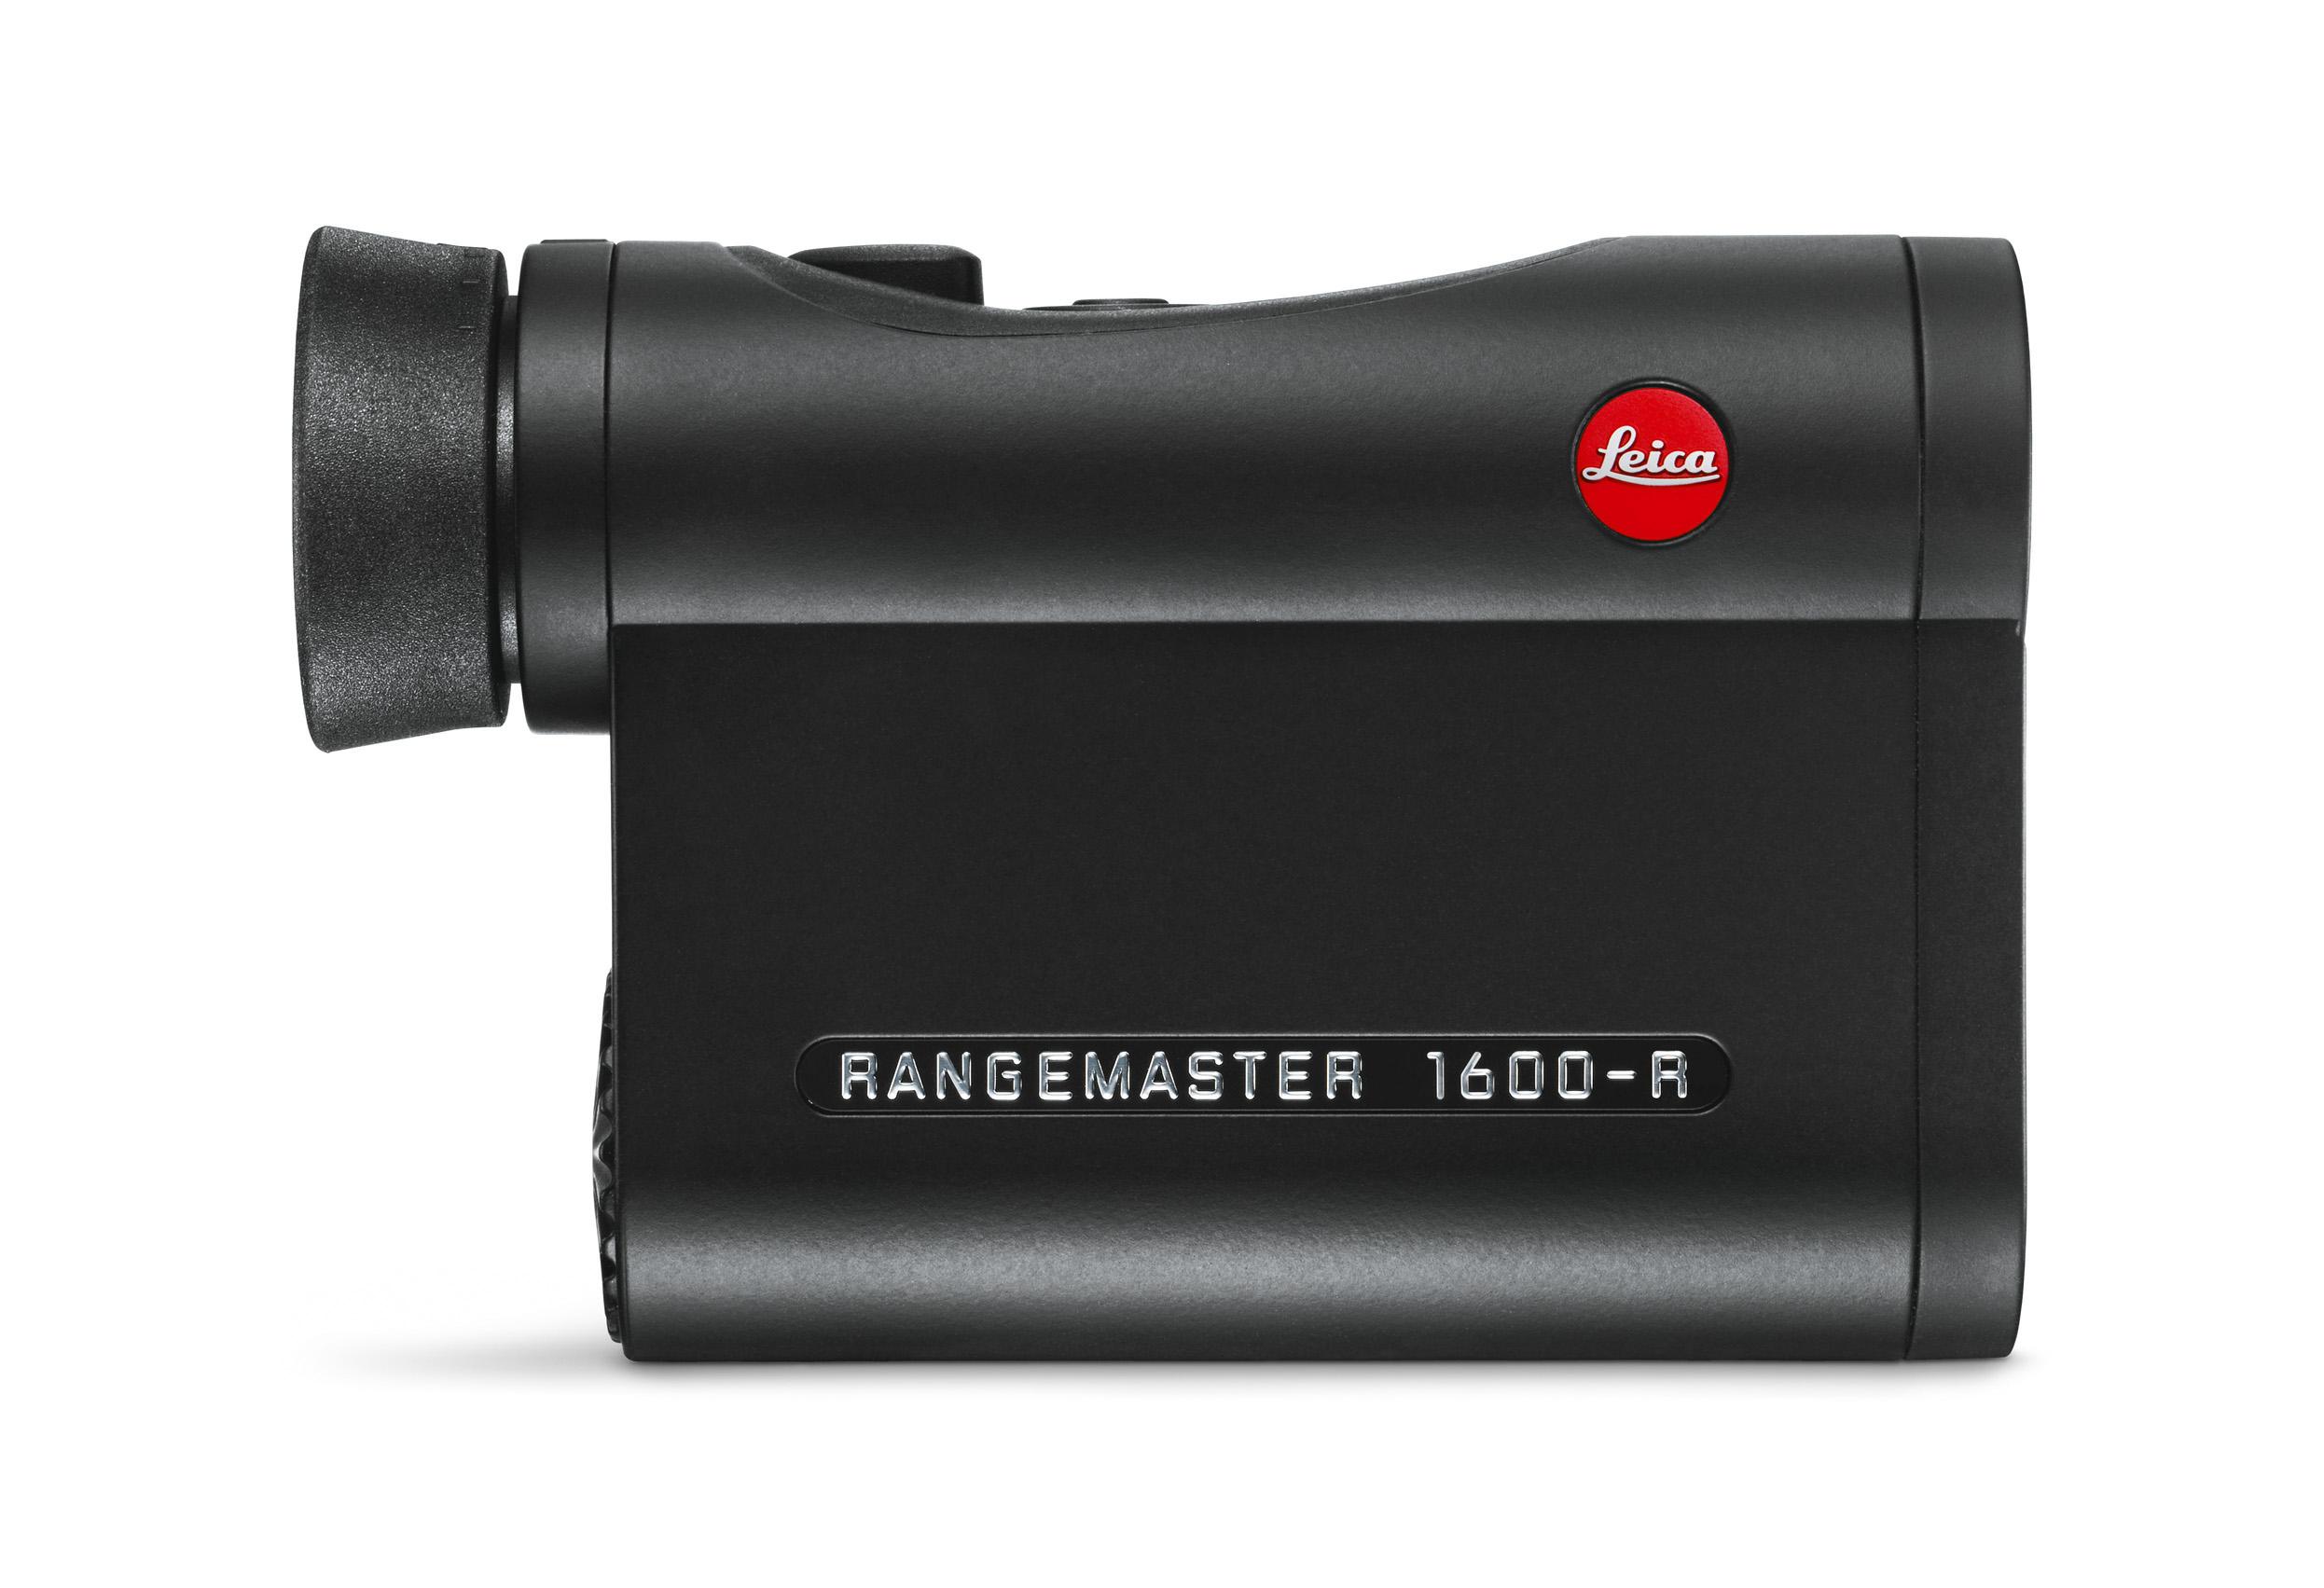 Golf Entfernungsmesser Leica : Rangemaster crf 1600 r kaufen leica camera online store deutschland